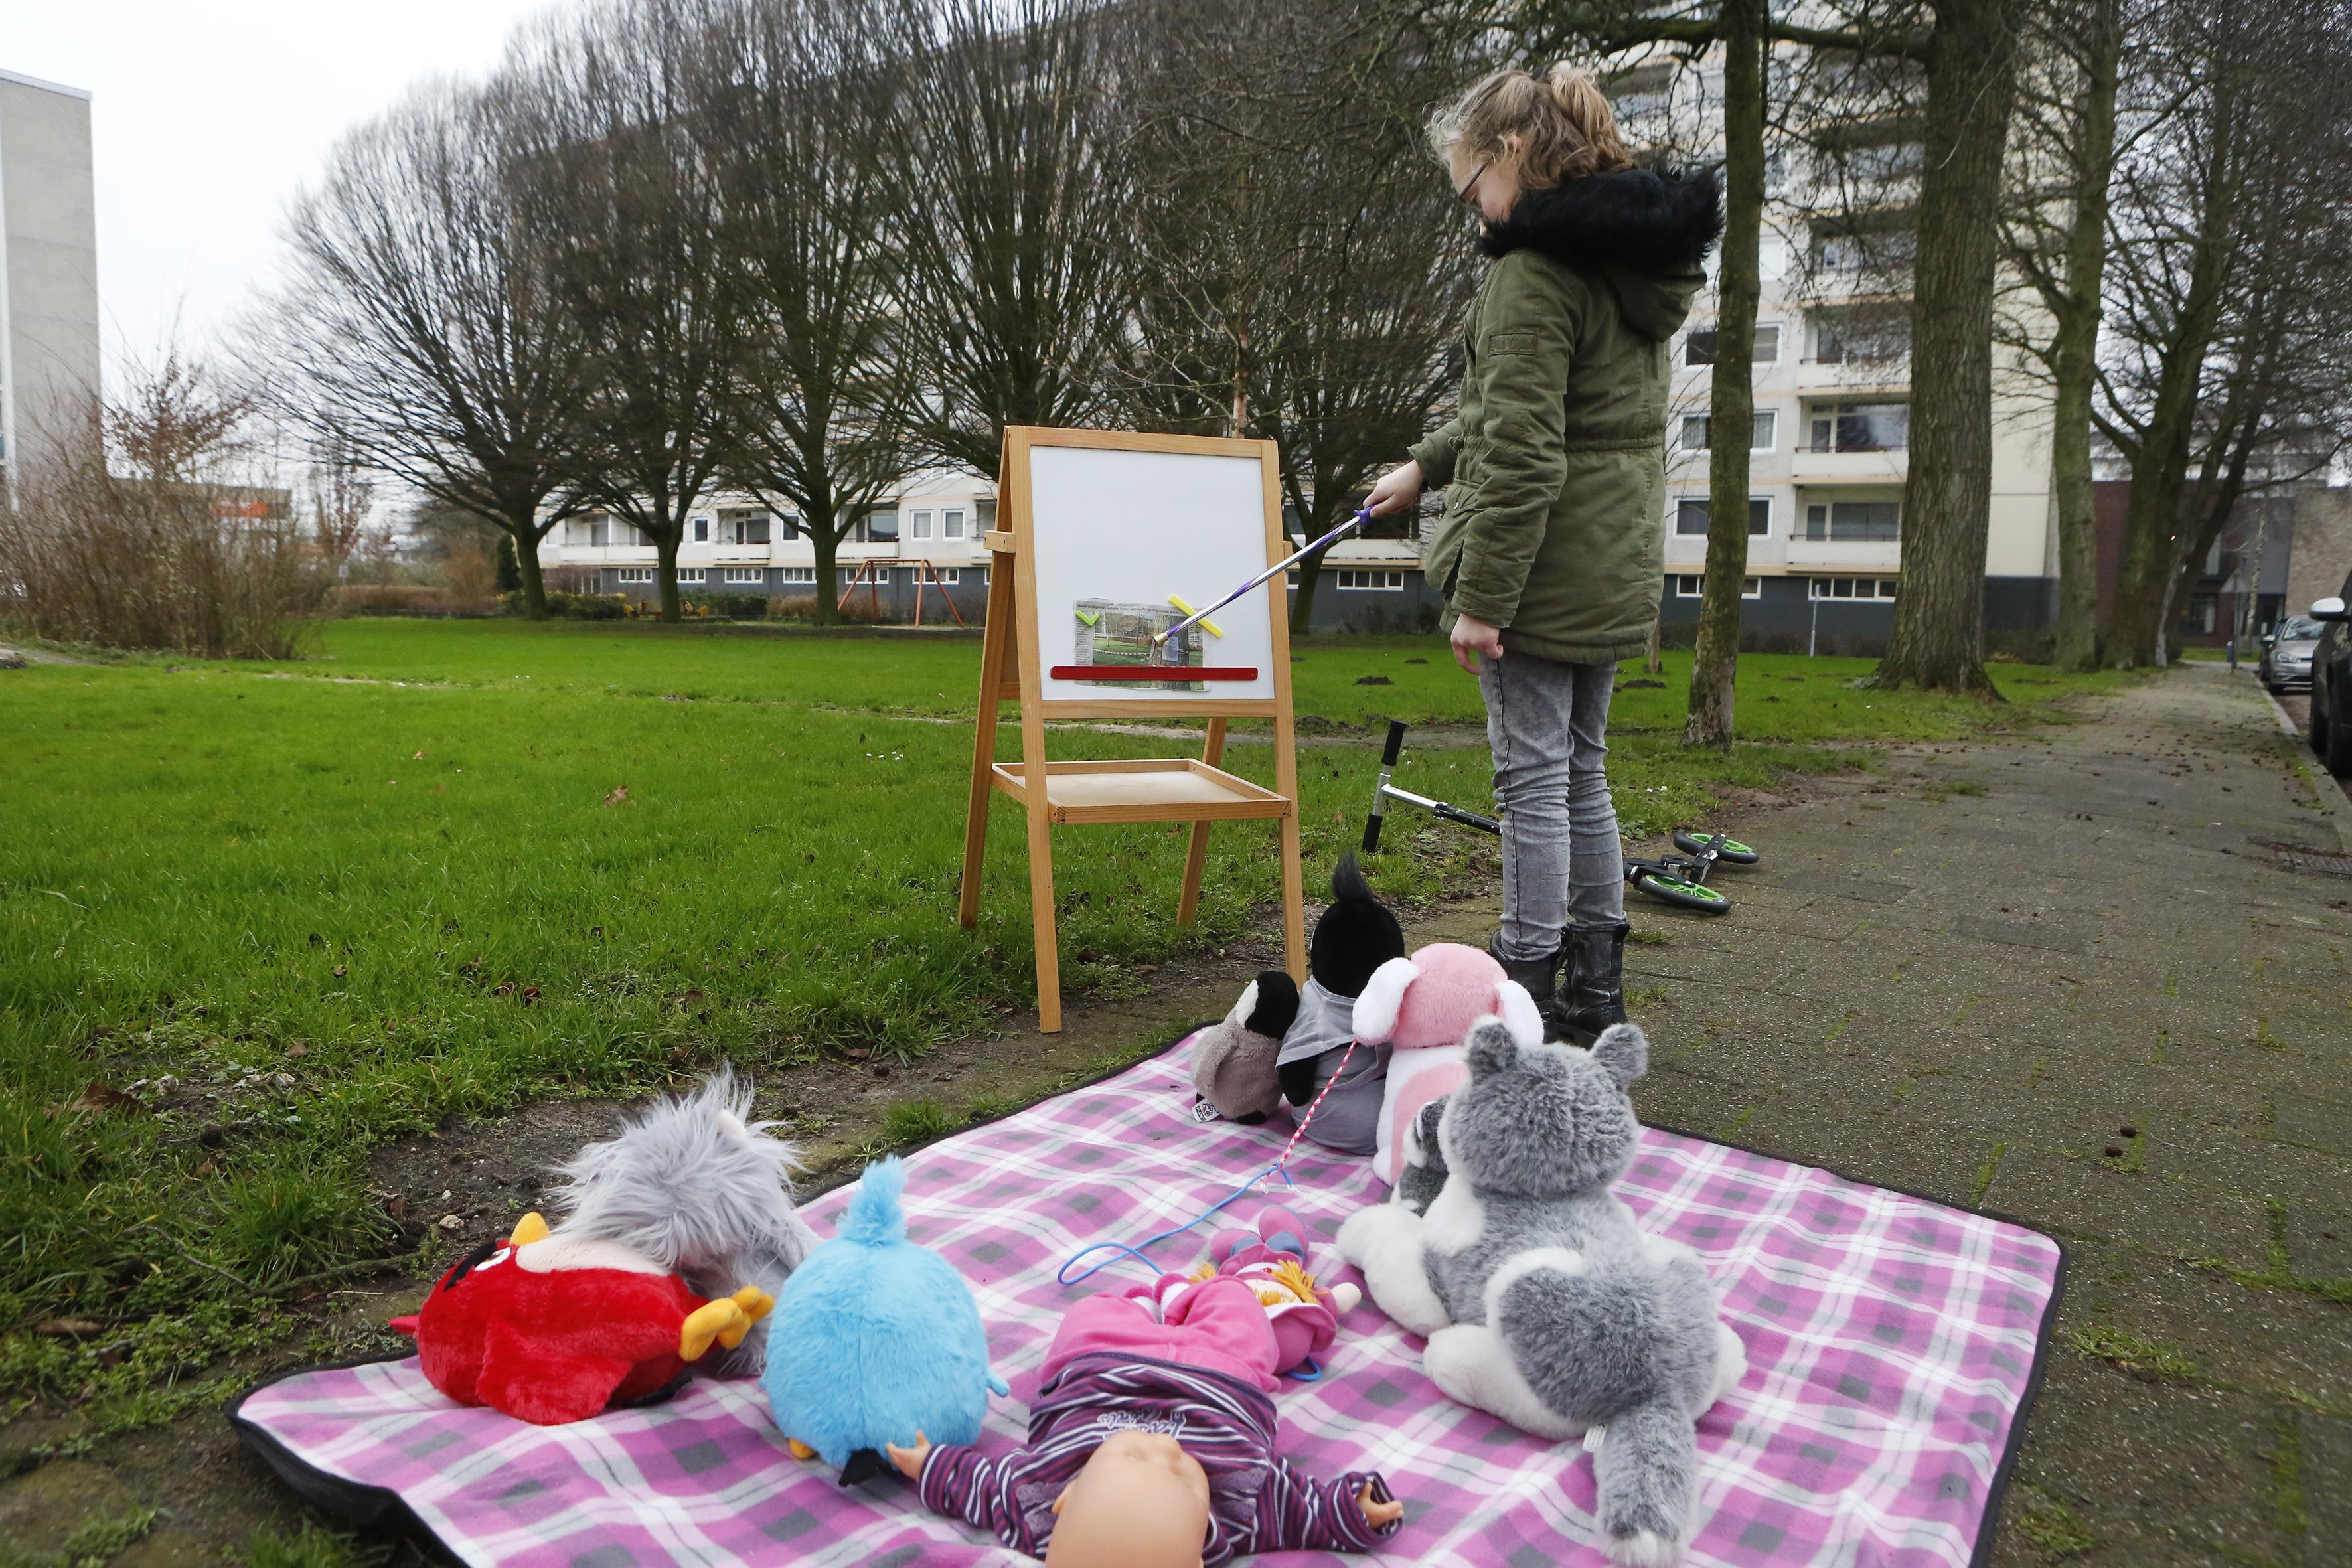 Gratis mondkapje bij inzien bouwplan Weesperschool in stadskantoor Weesp